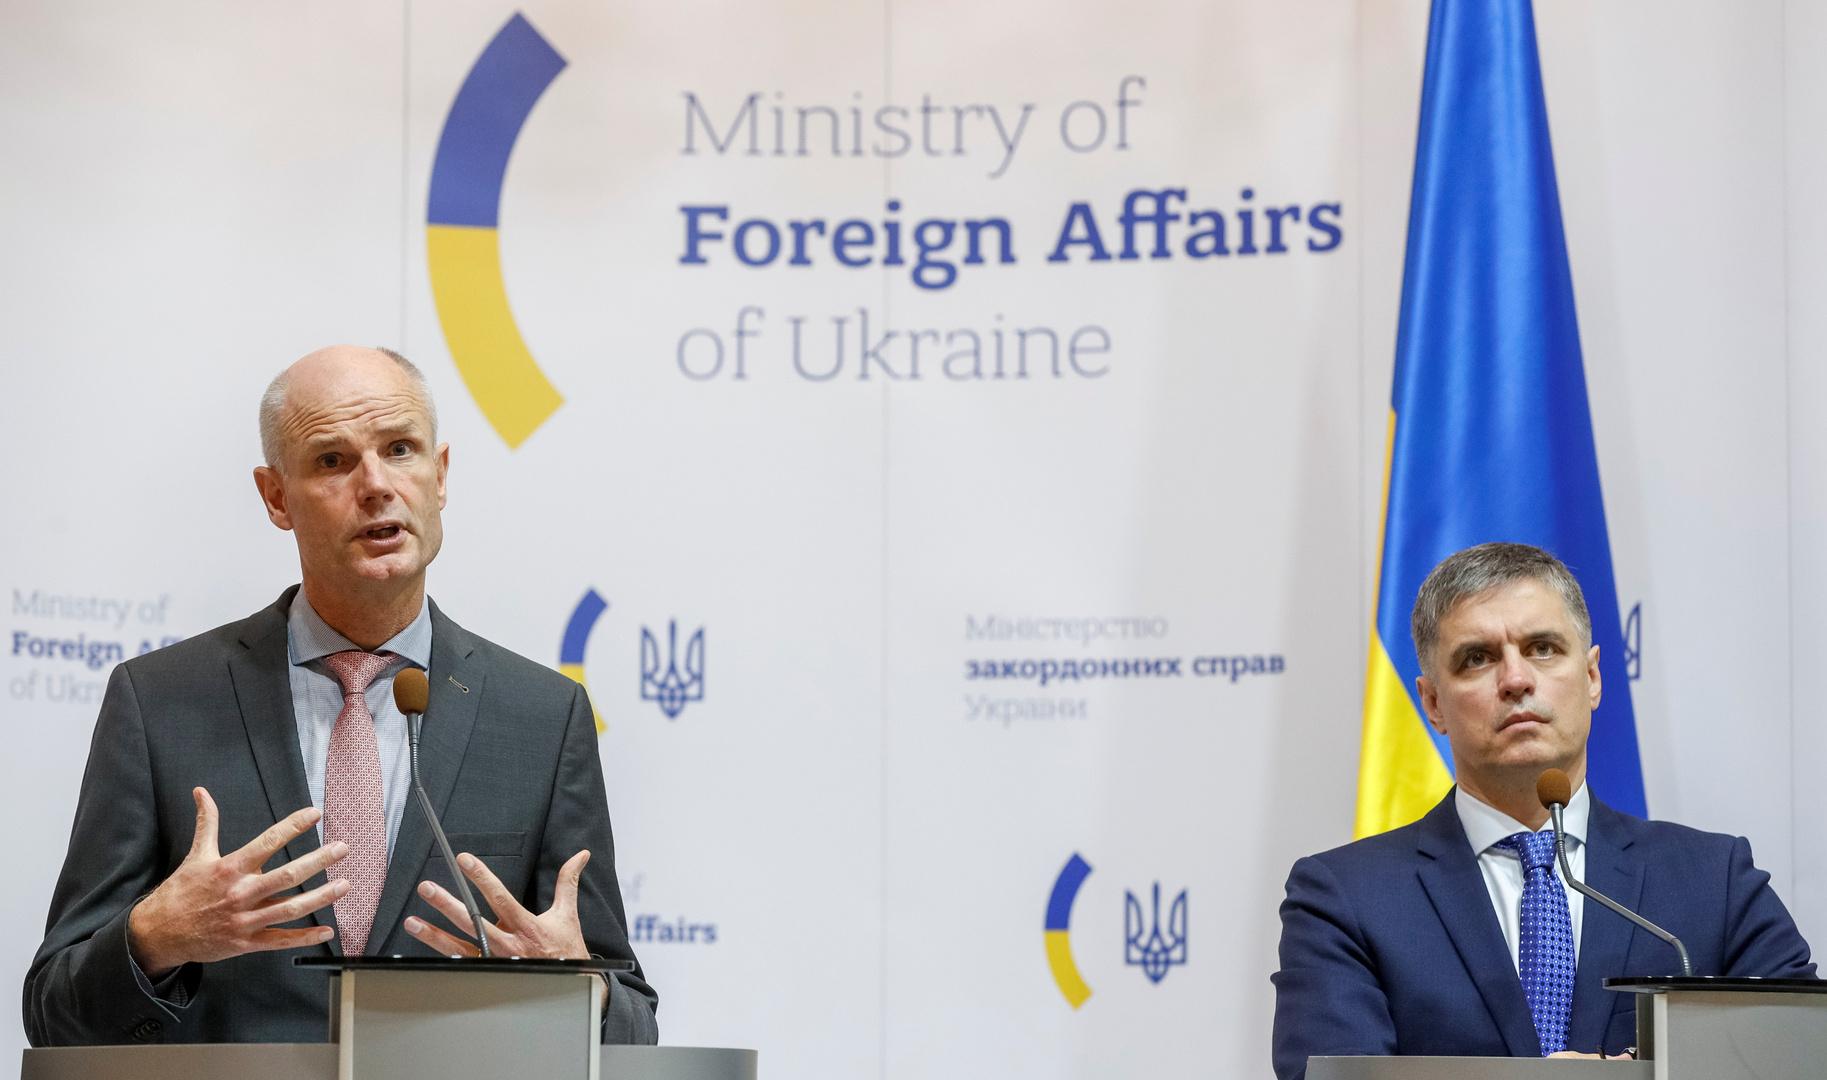 أوكرانيا: إذا تبين أن طائرتنا أسقطت سنطالب بمقاضاة المسؤولين